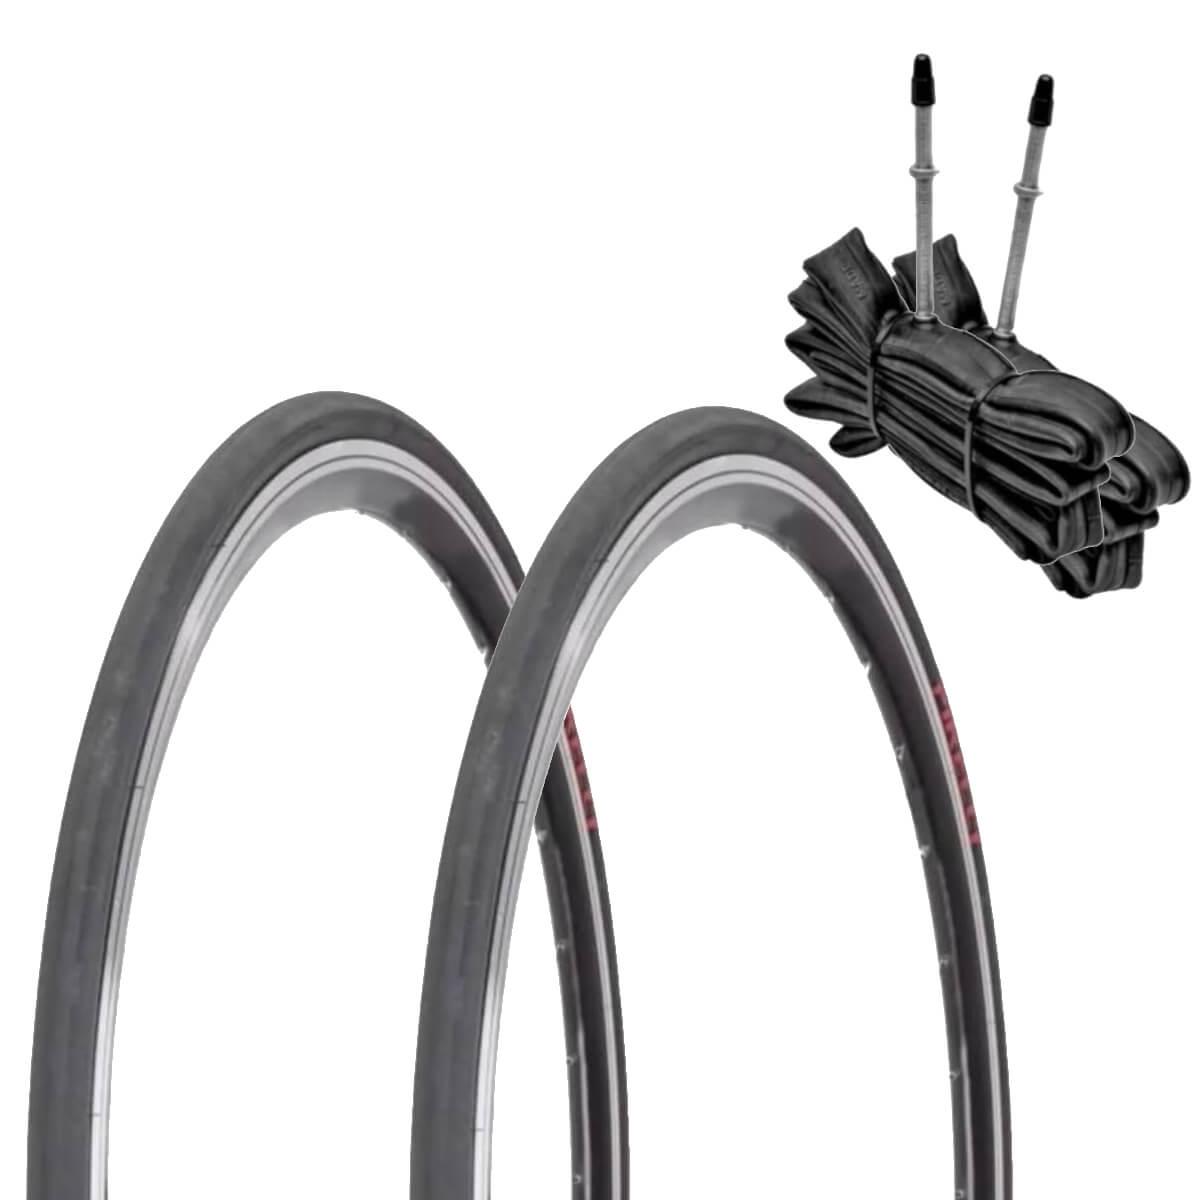 Par Pneu Speed Pirelli Corsa Pro com Arame 700x23 e Câmara